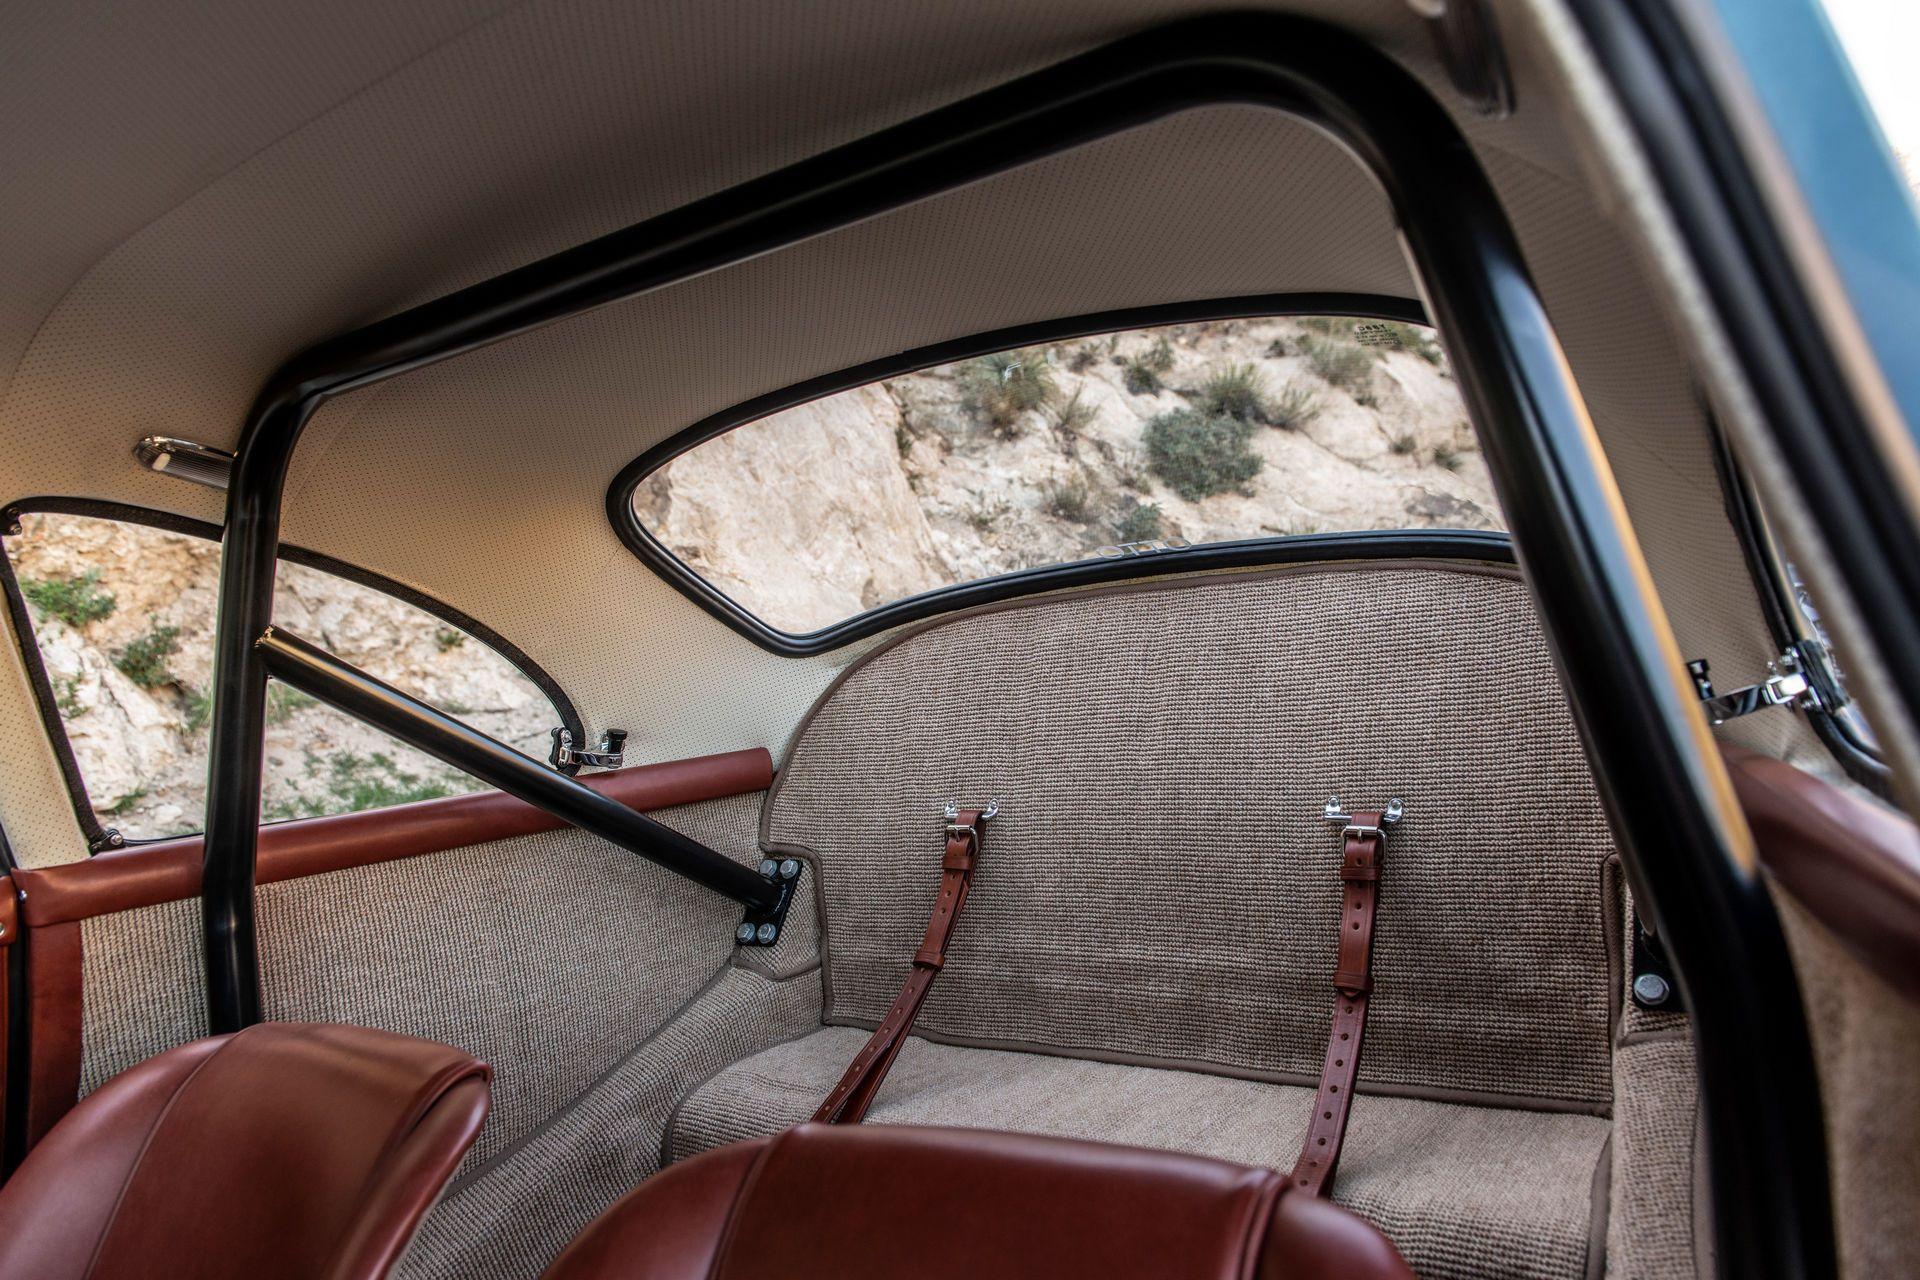 Porsche-356-A-Coupe-Restomod-Emory-Motorsports-68